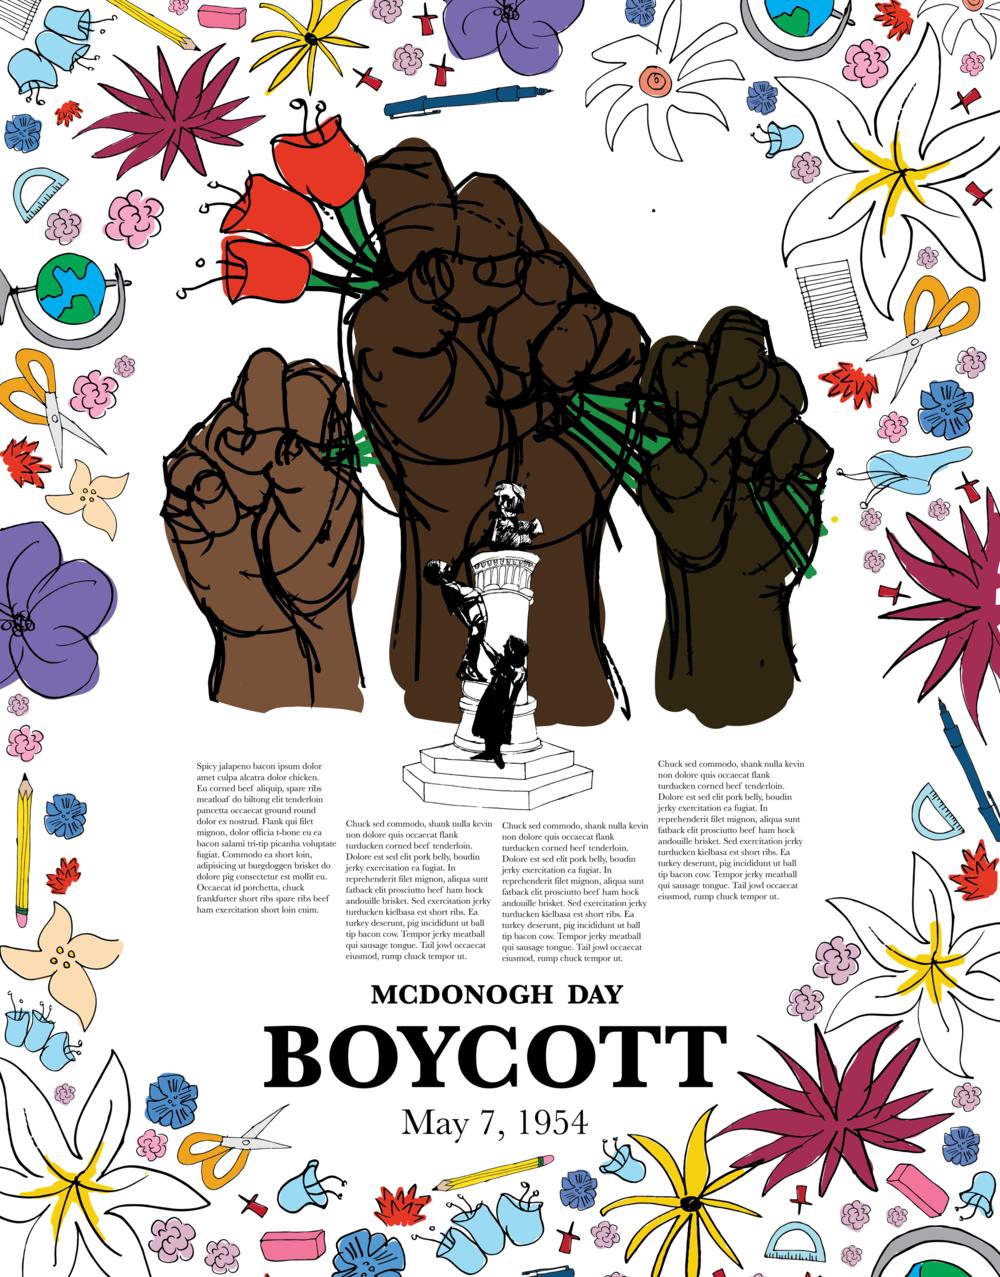 McDonogh Day Boycott